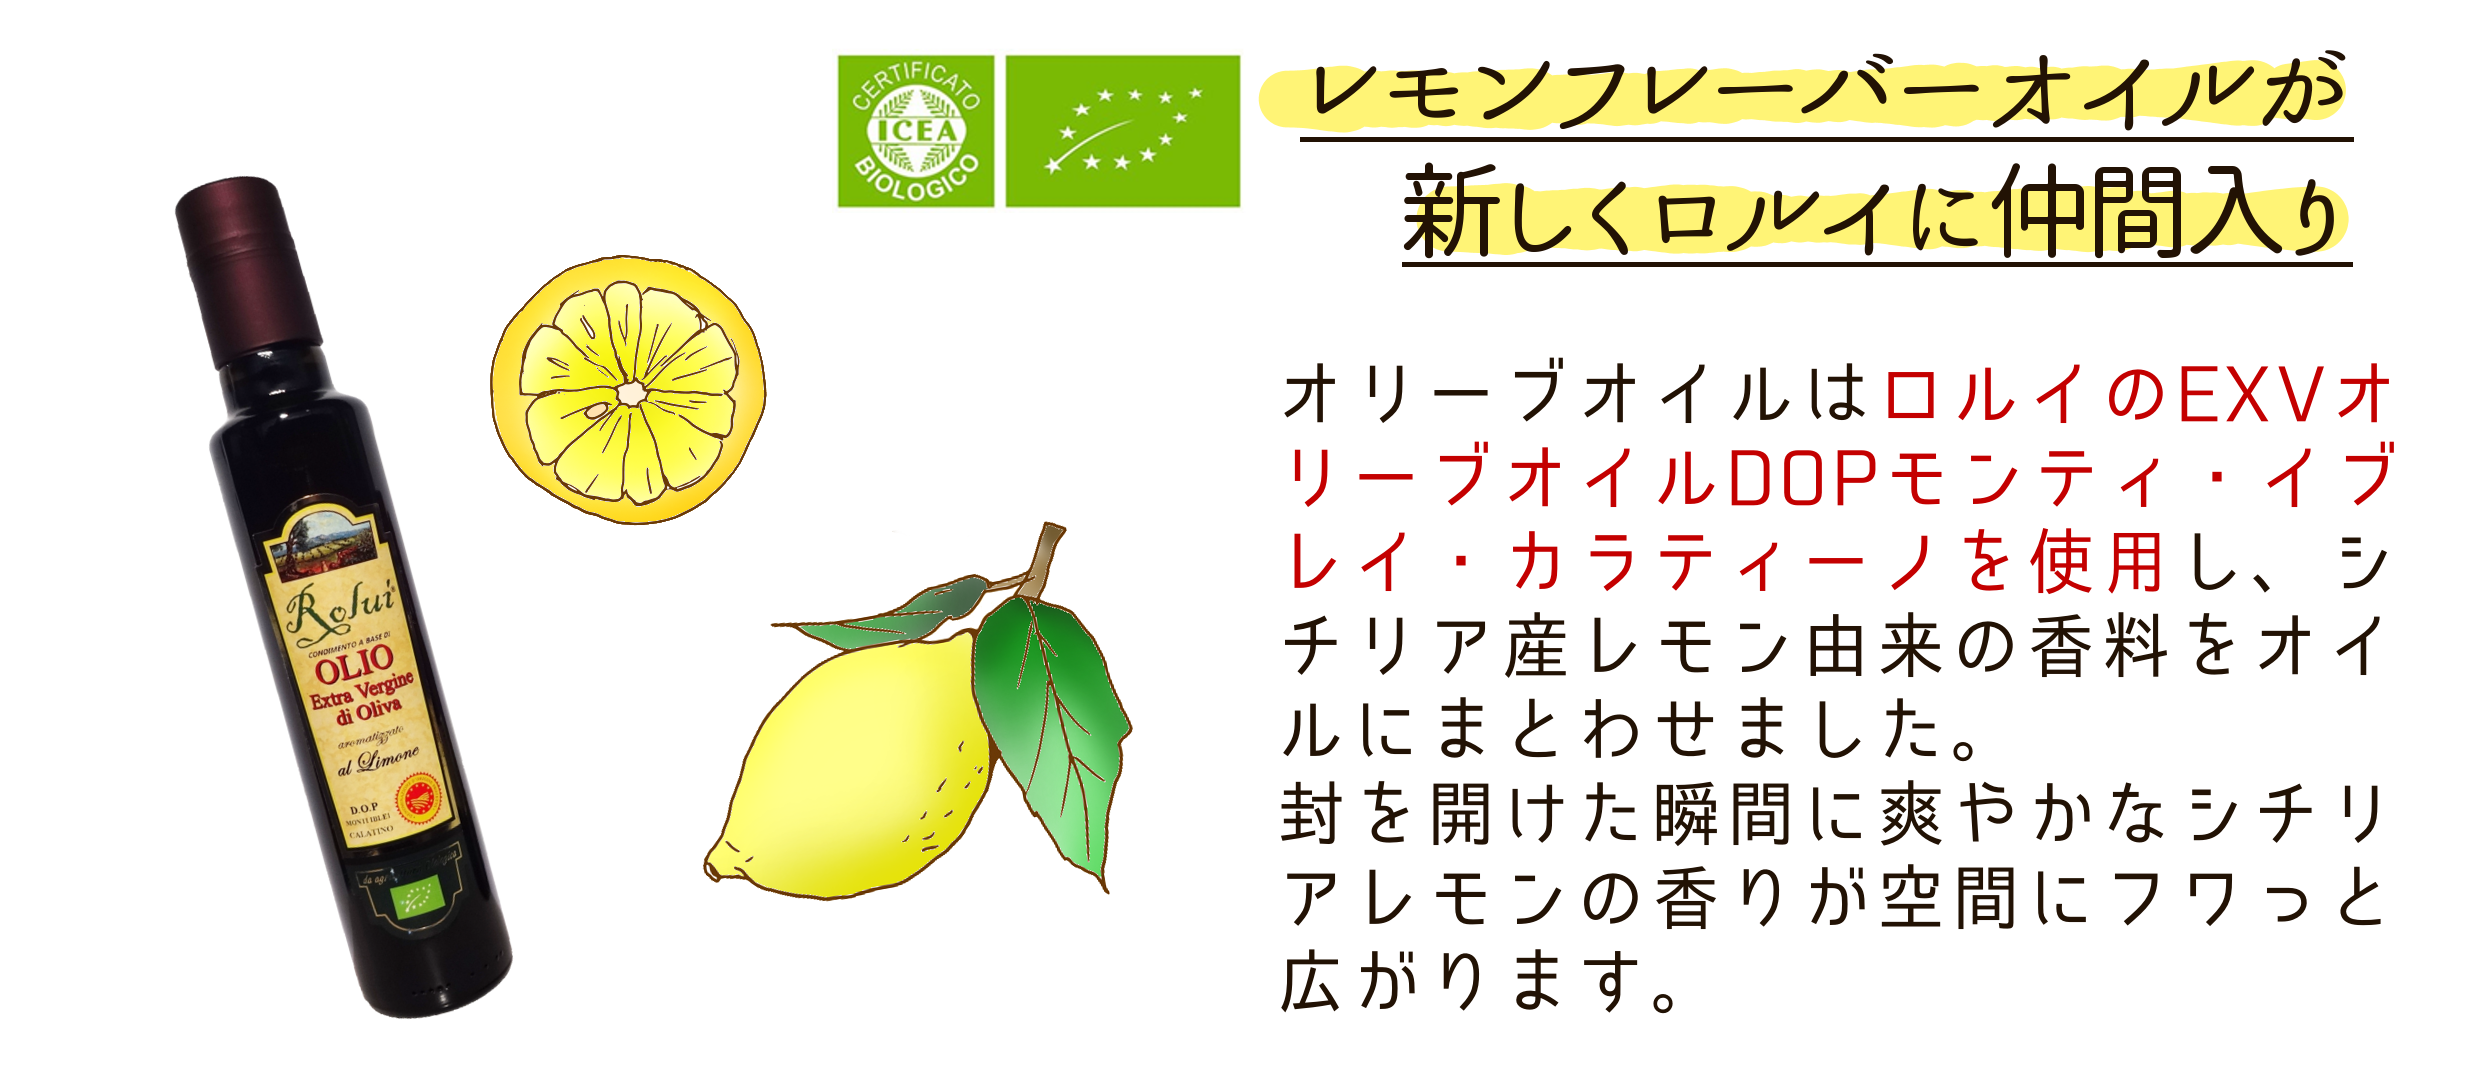 レモン 説明